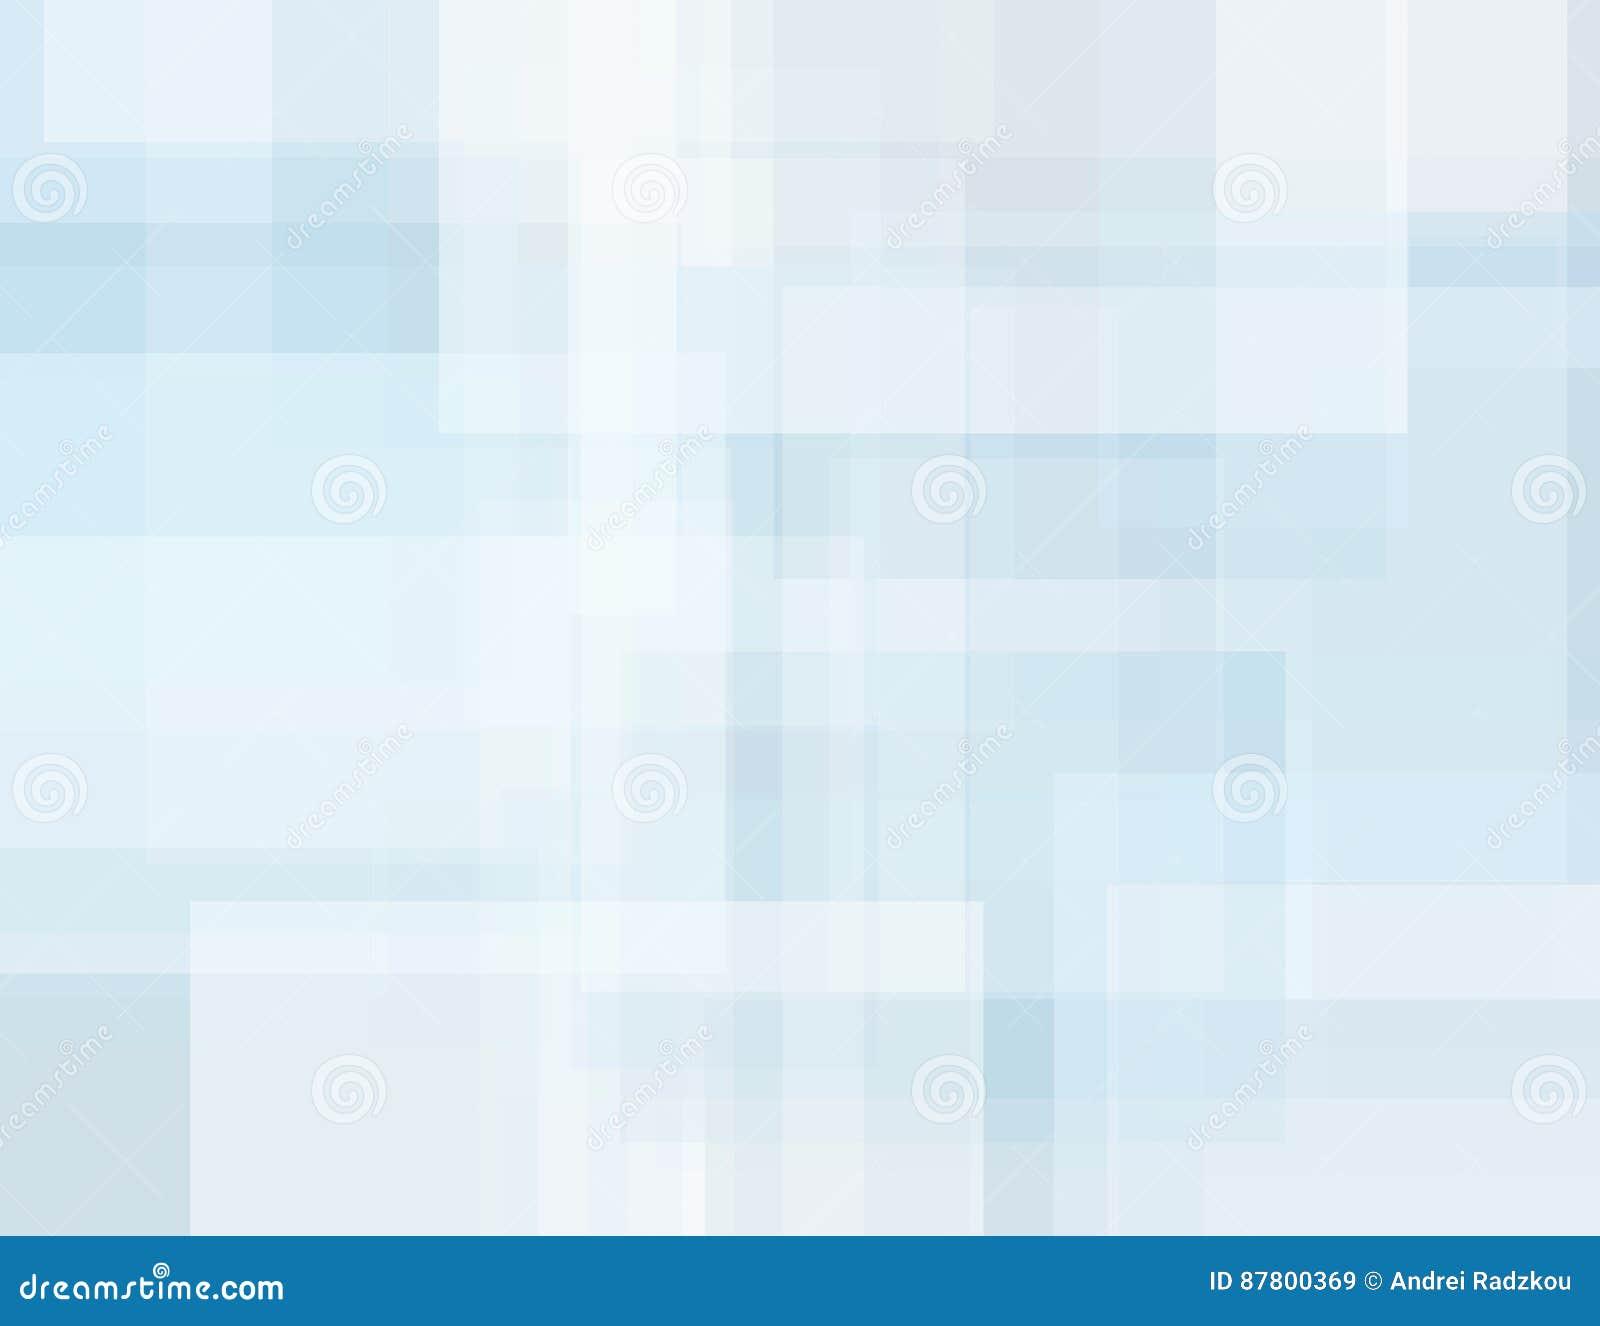 Fondo Geométrico Abstracto Del Gris Azul Con Rectángulos